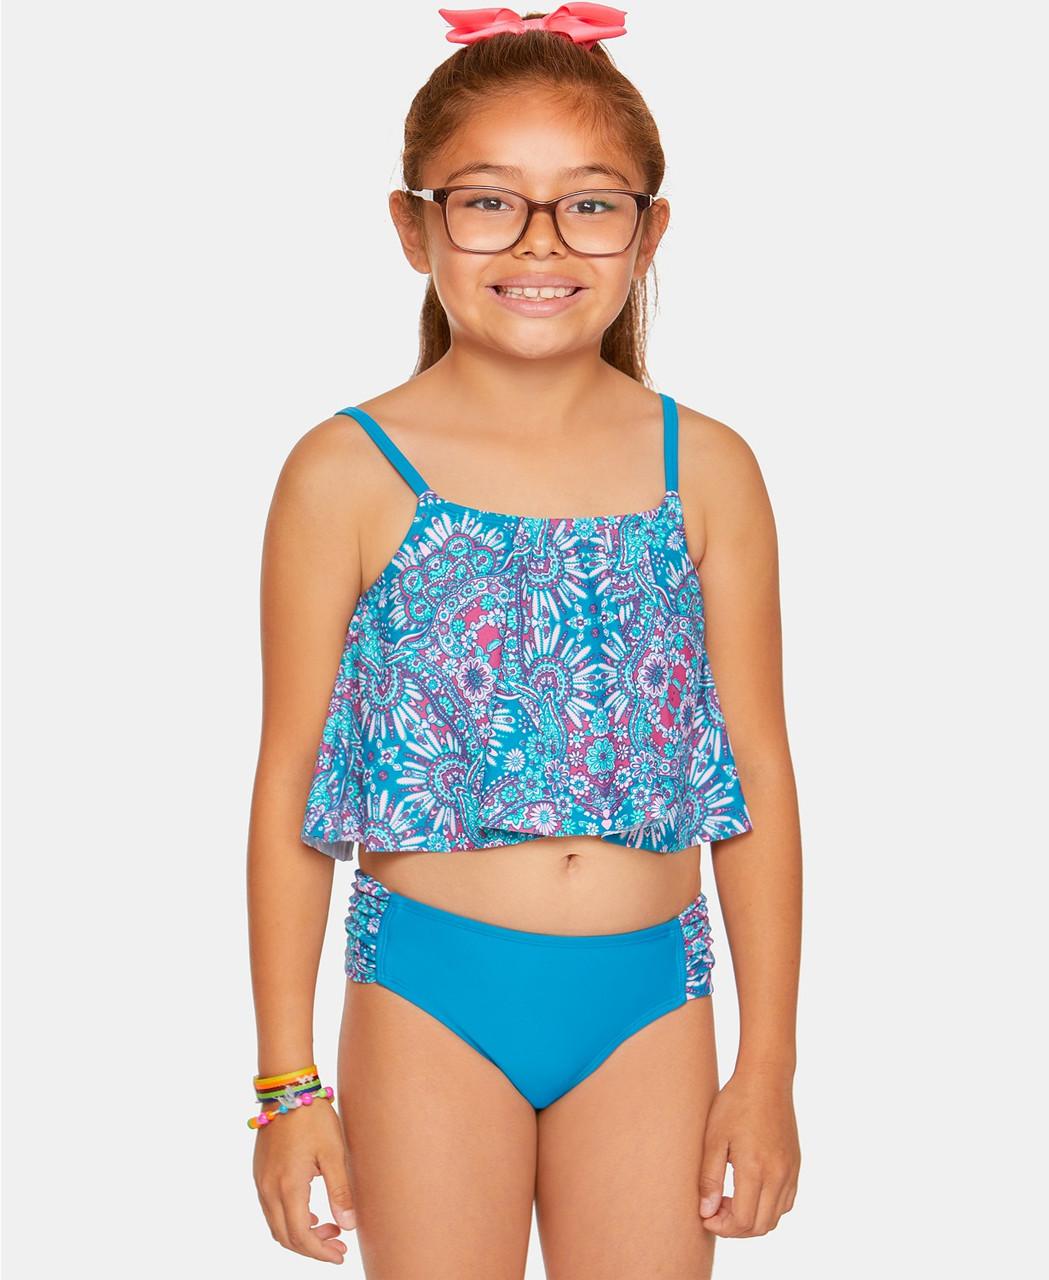 Summer Crush Детский купальник для девочек